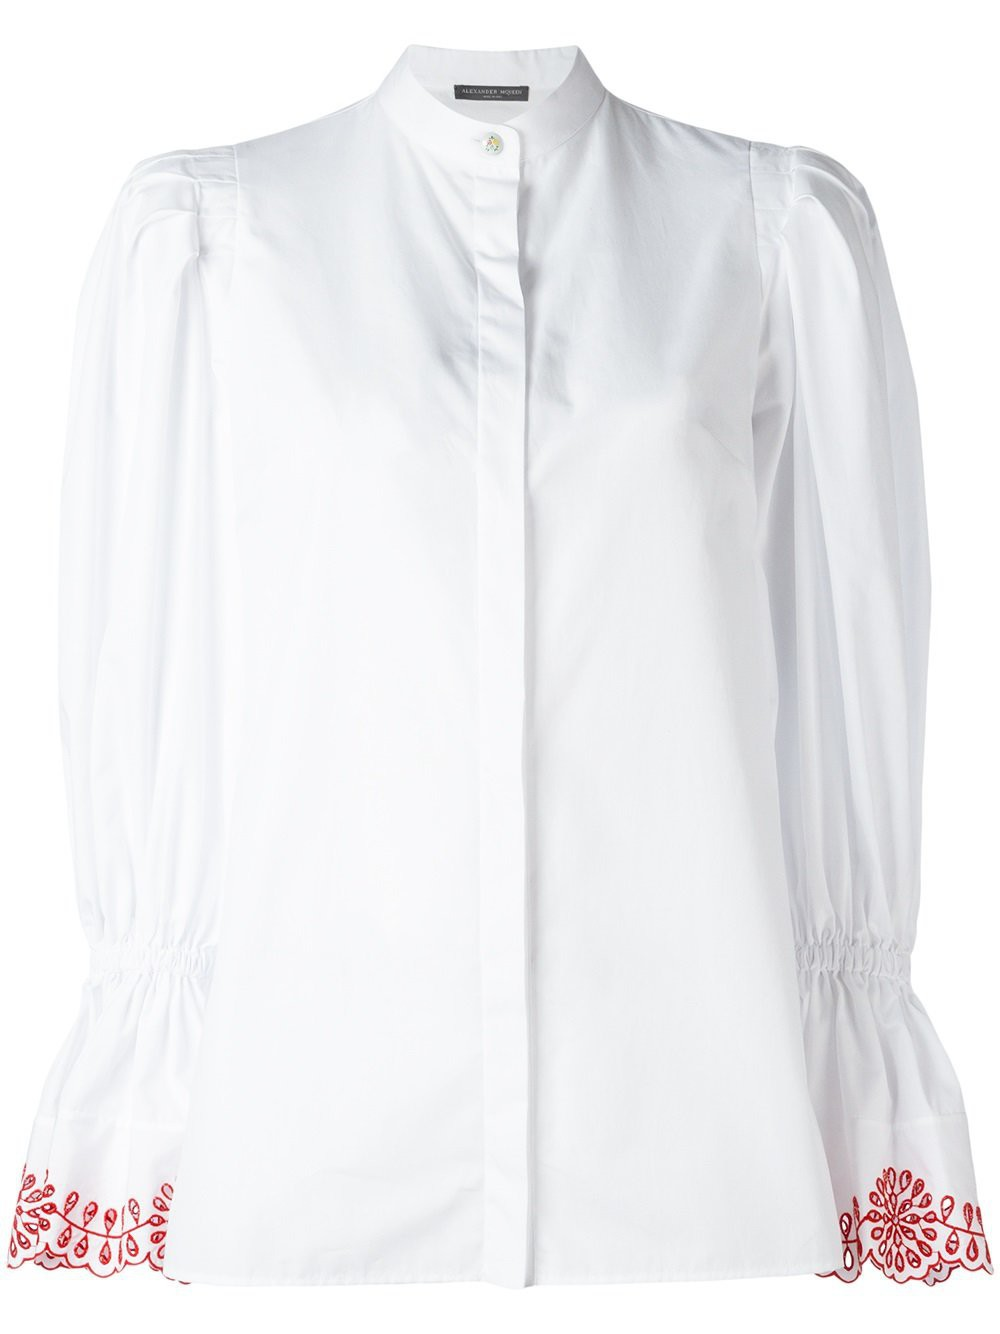 Купить Белую Блузку С Пышными Рукавами